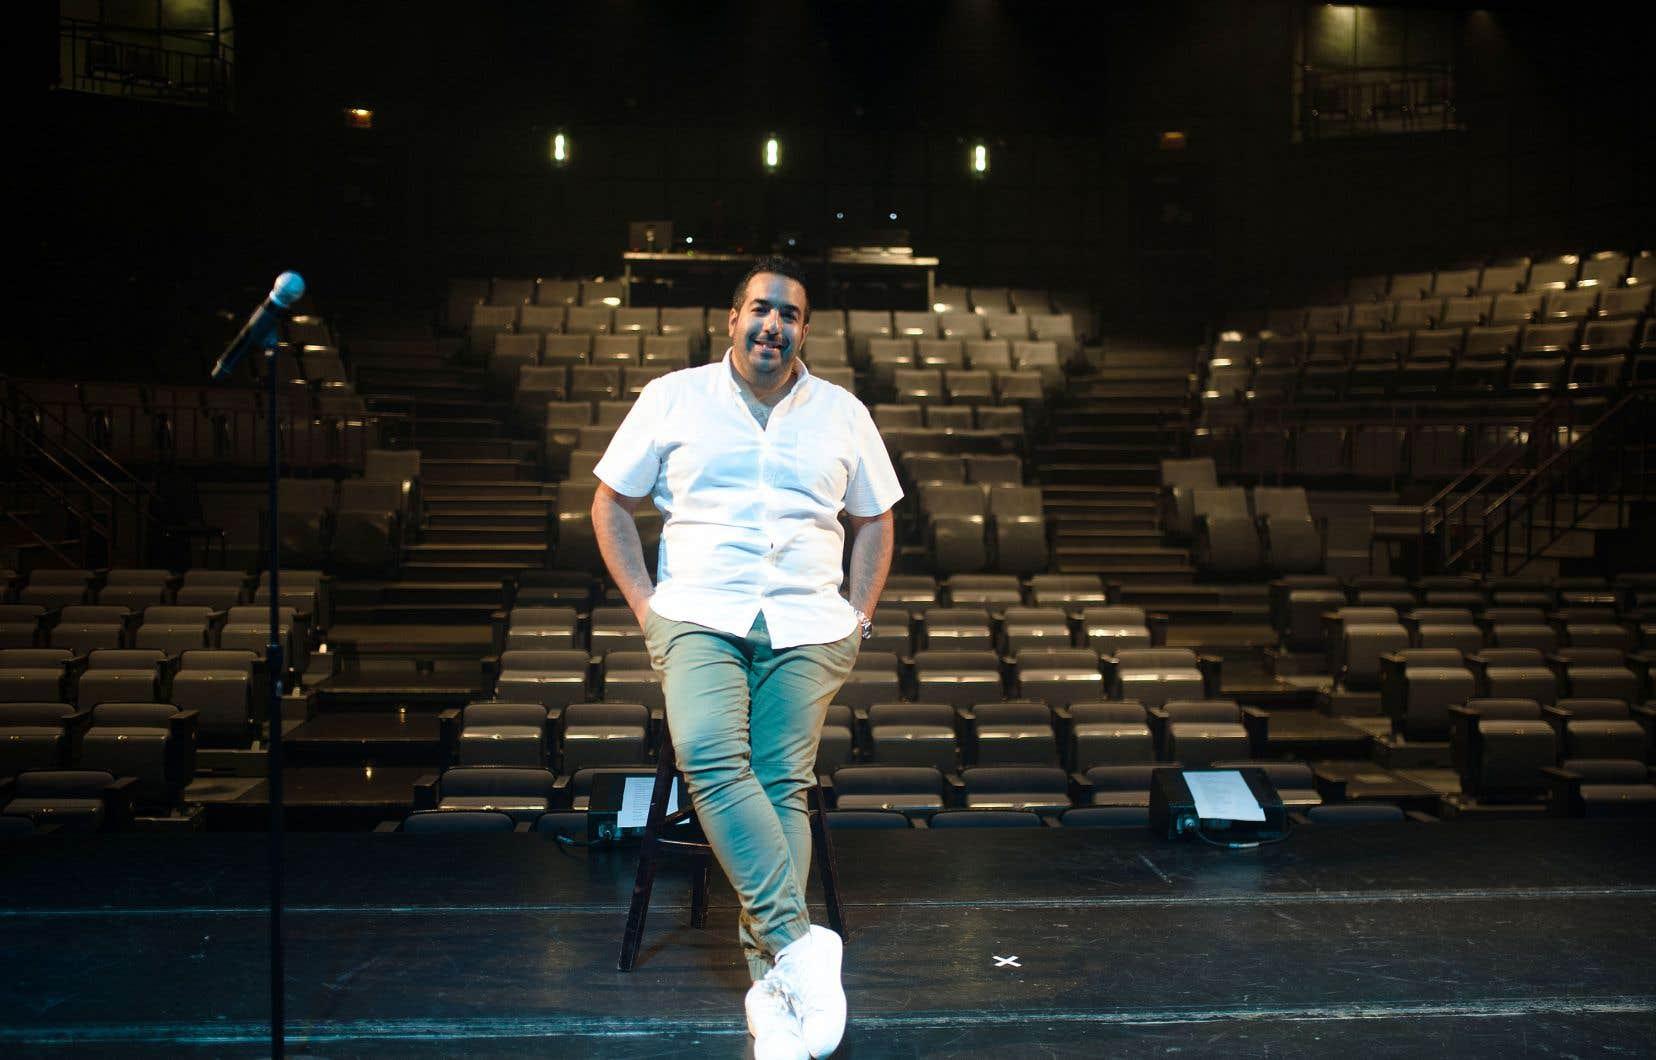 Neev, humoriste juif québécois, né de parents d'origine marocaine et française, peut imiter autant d'accents que Gregory Charles connaît de chansons pop.